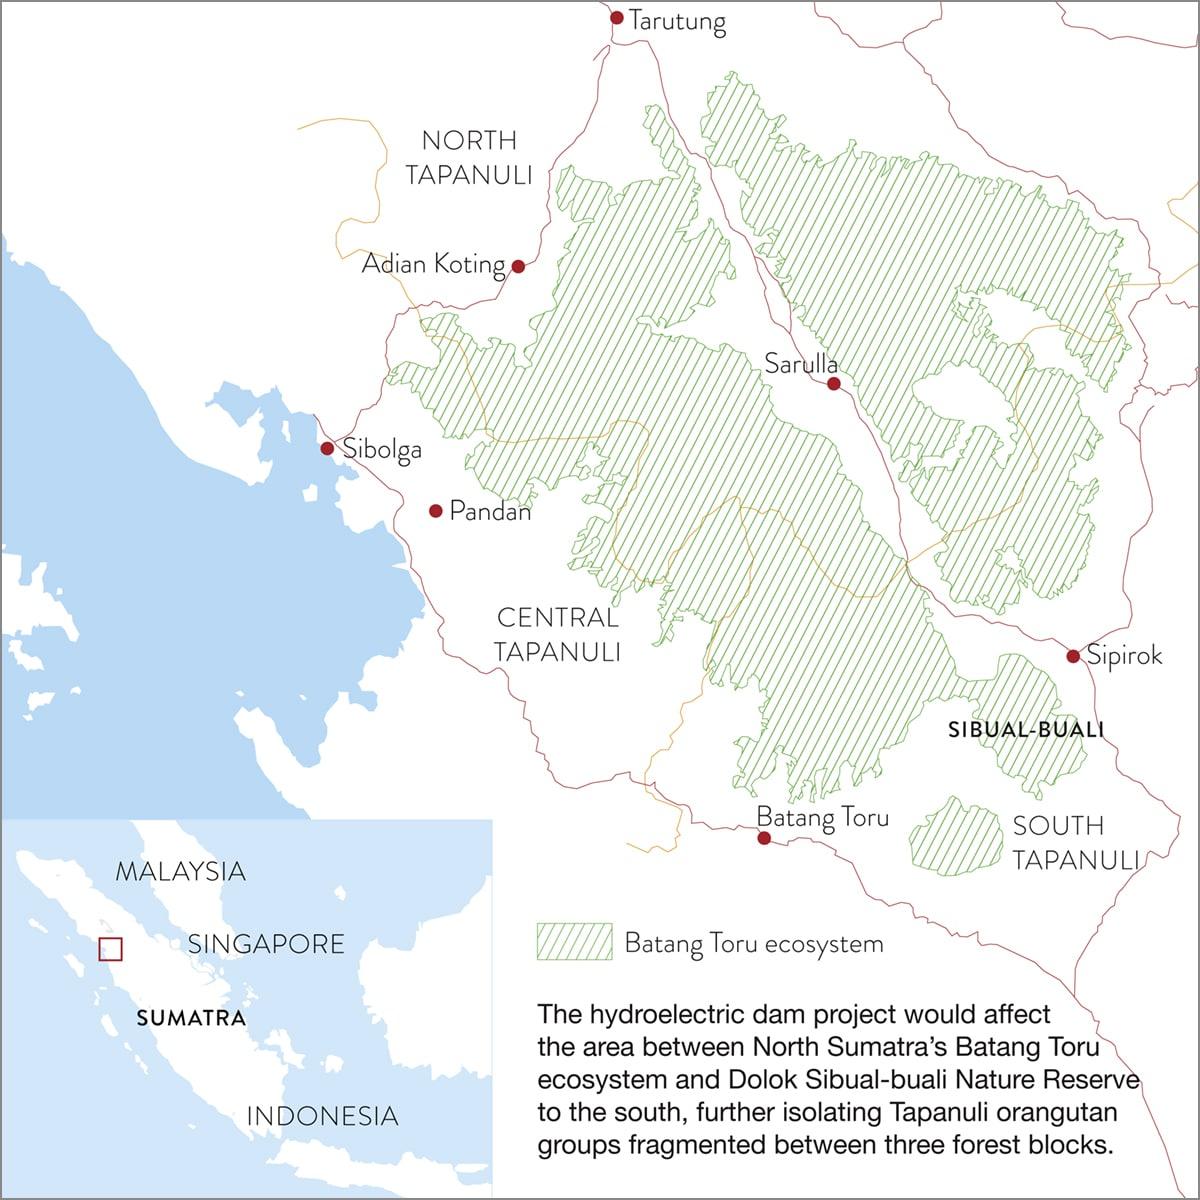 Batan Toru Ecosystem